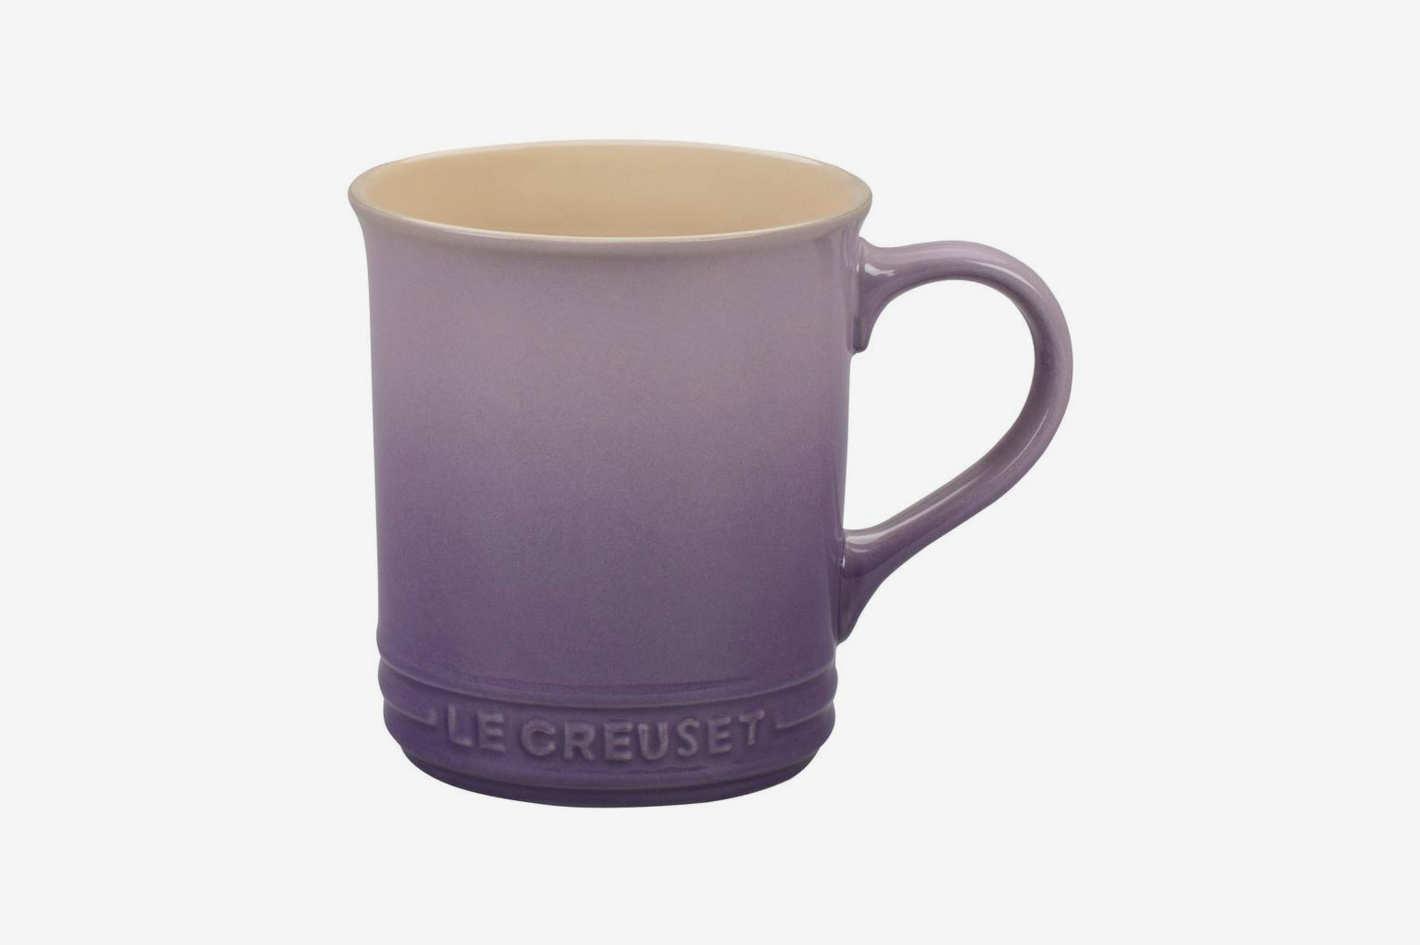 Le Creuset Stoneware Mug in Provence